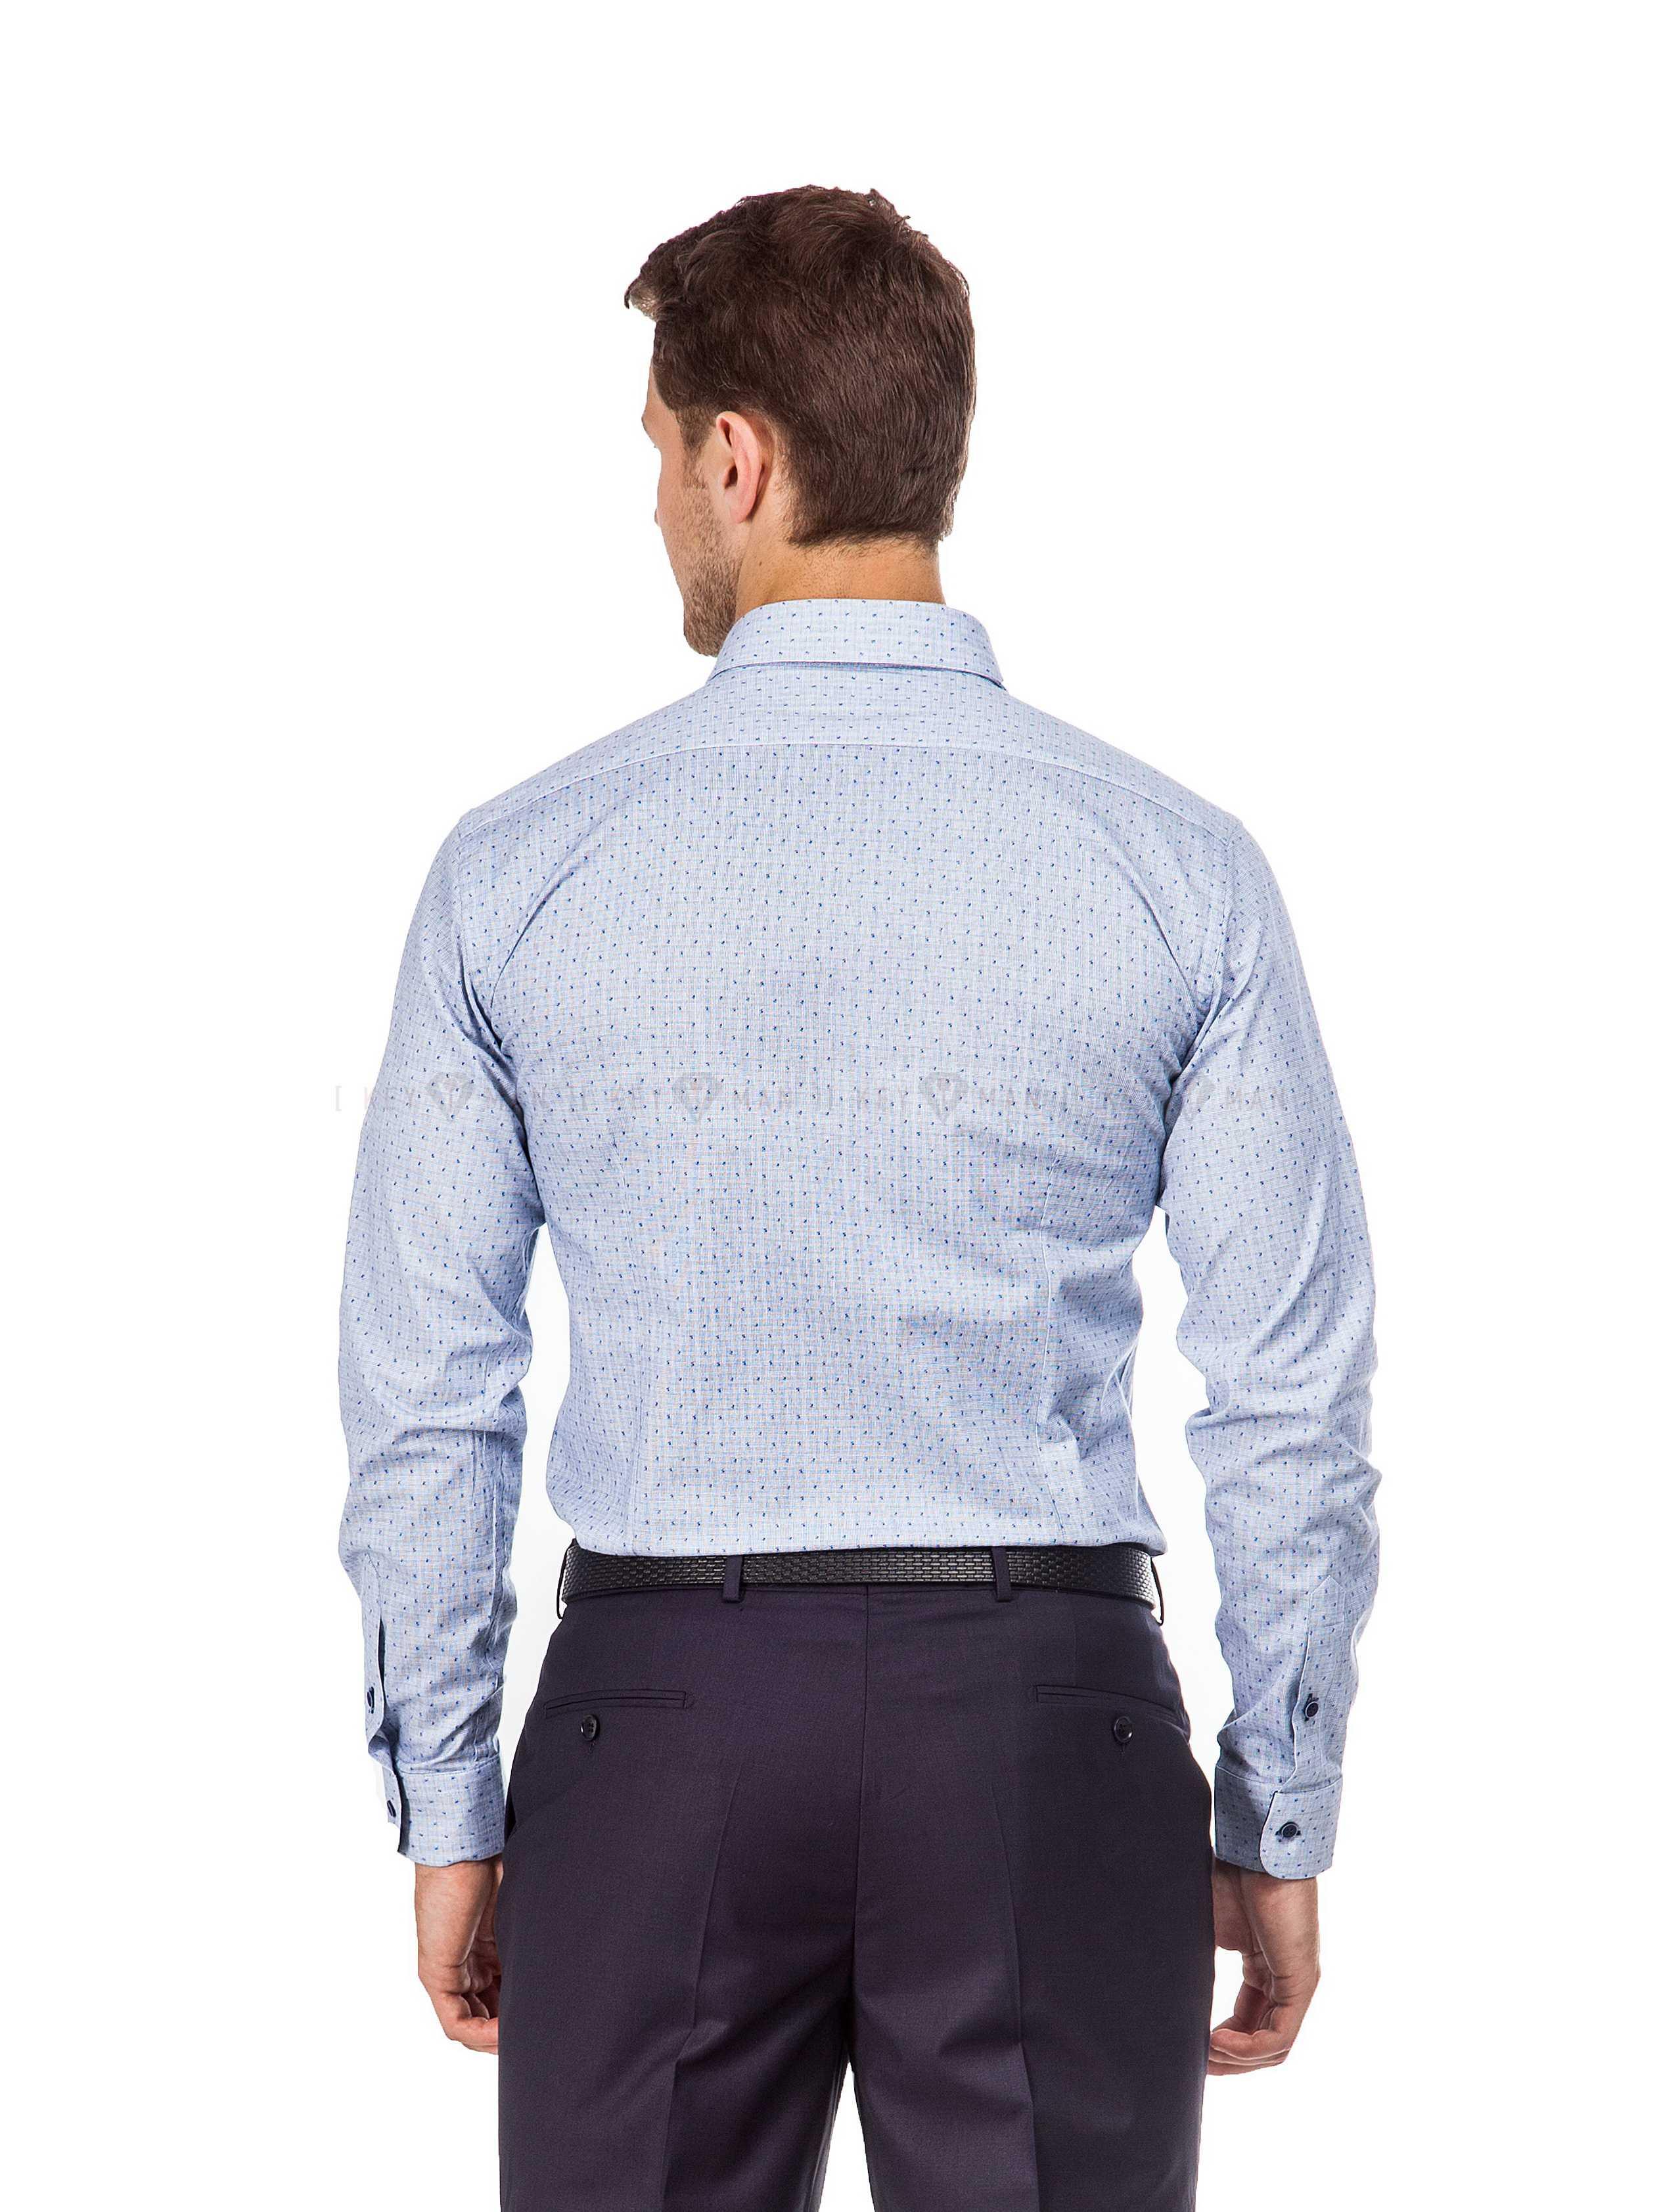 Рубашка мужская серая в мелкий узор